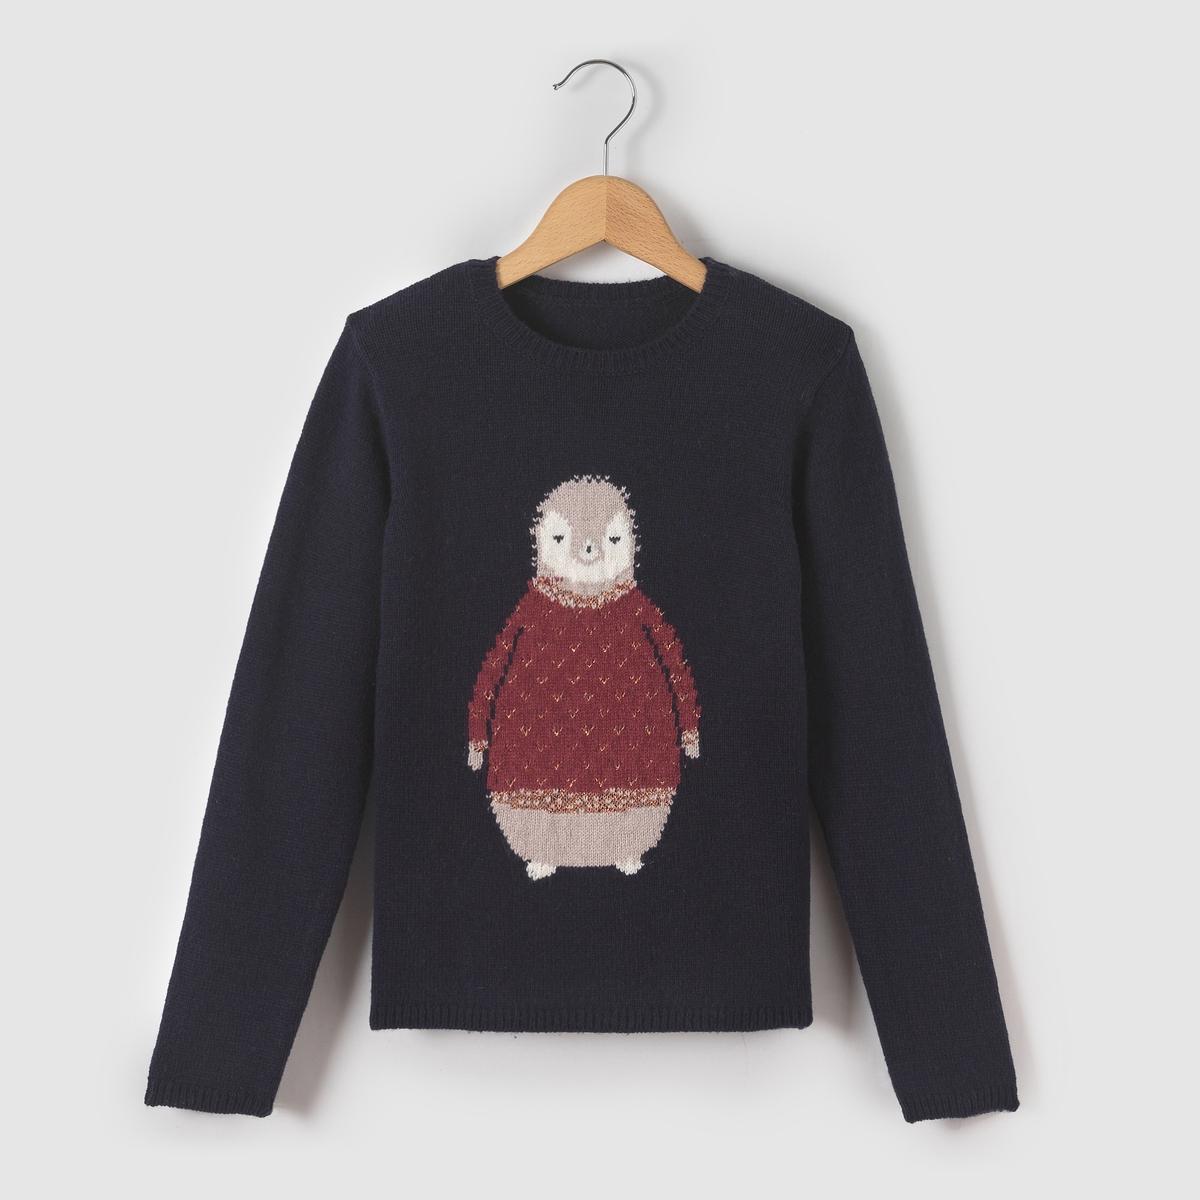 Пуловер с рисунком блестящий пингвин 3-12 летПуловер с длинными рукавами и с рисунком блестящий пингвин спереди  . Круглый вырез. Отделка рубчиком. Состав и описание : Материал: трикотаж 57% хлопка, 26% полиамида, 15% шерсти, 2% других волокон.Марка        abcdR  Уход: :Машинная стирка при 30°C с одеждой подобных цветов.Гладить с изнаночной стороны.- Машинная сушка запрещена..Гладить при умеренной температуре.<br><br>Цвет: синий морской